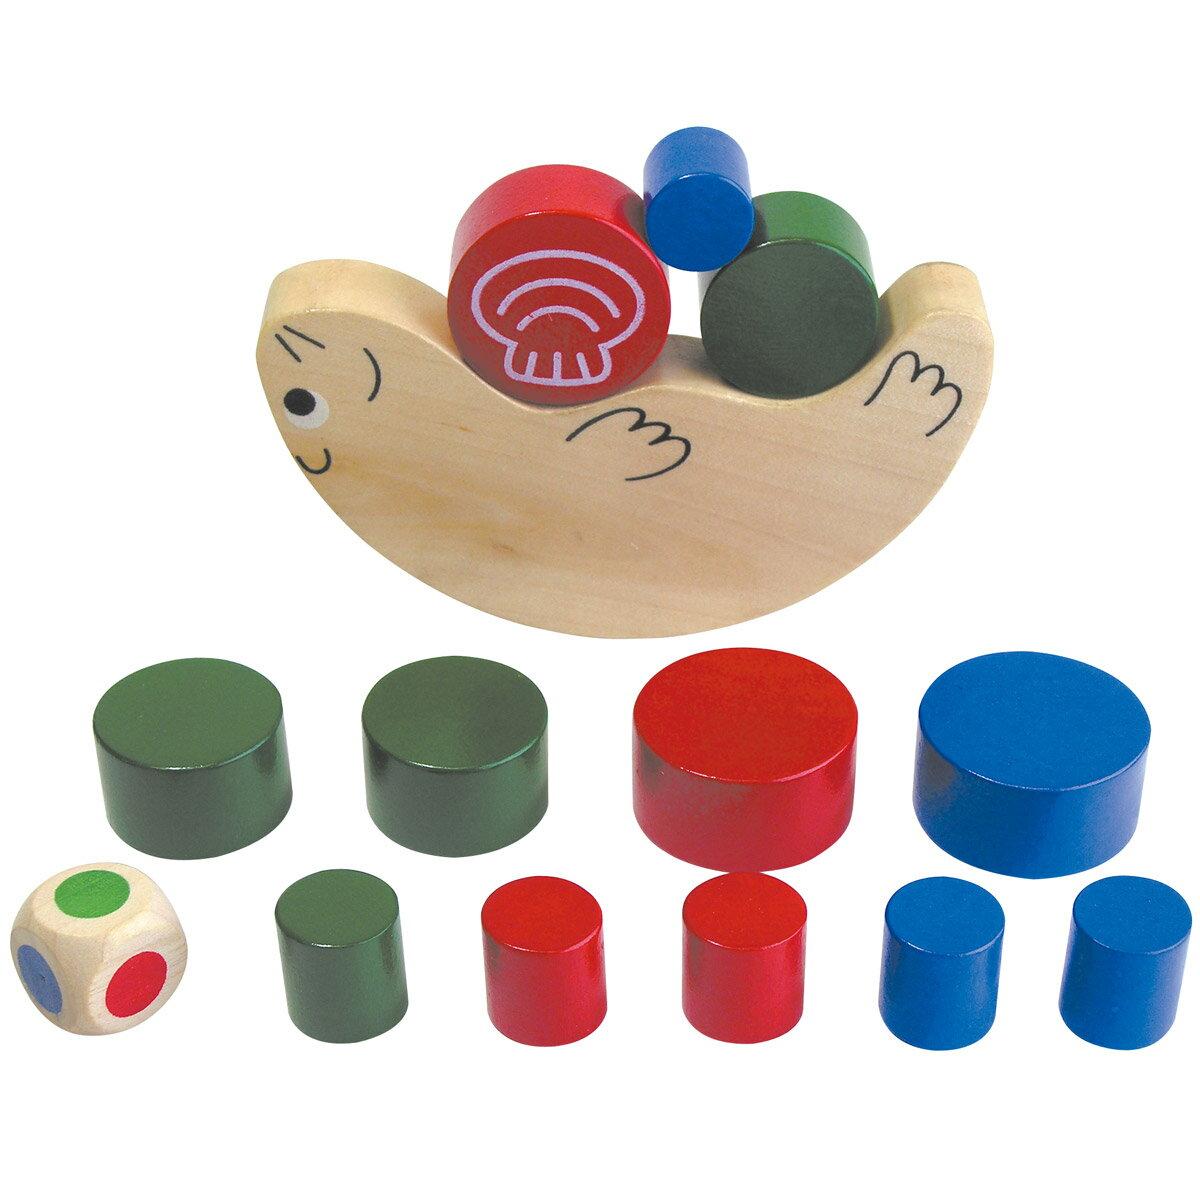 ラッコバランス ゲーム 木製玩具 木のおもちゃ バランスゲーム 知育玩具 4歳 5歳 6歳…...:loupe-studio:10412865